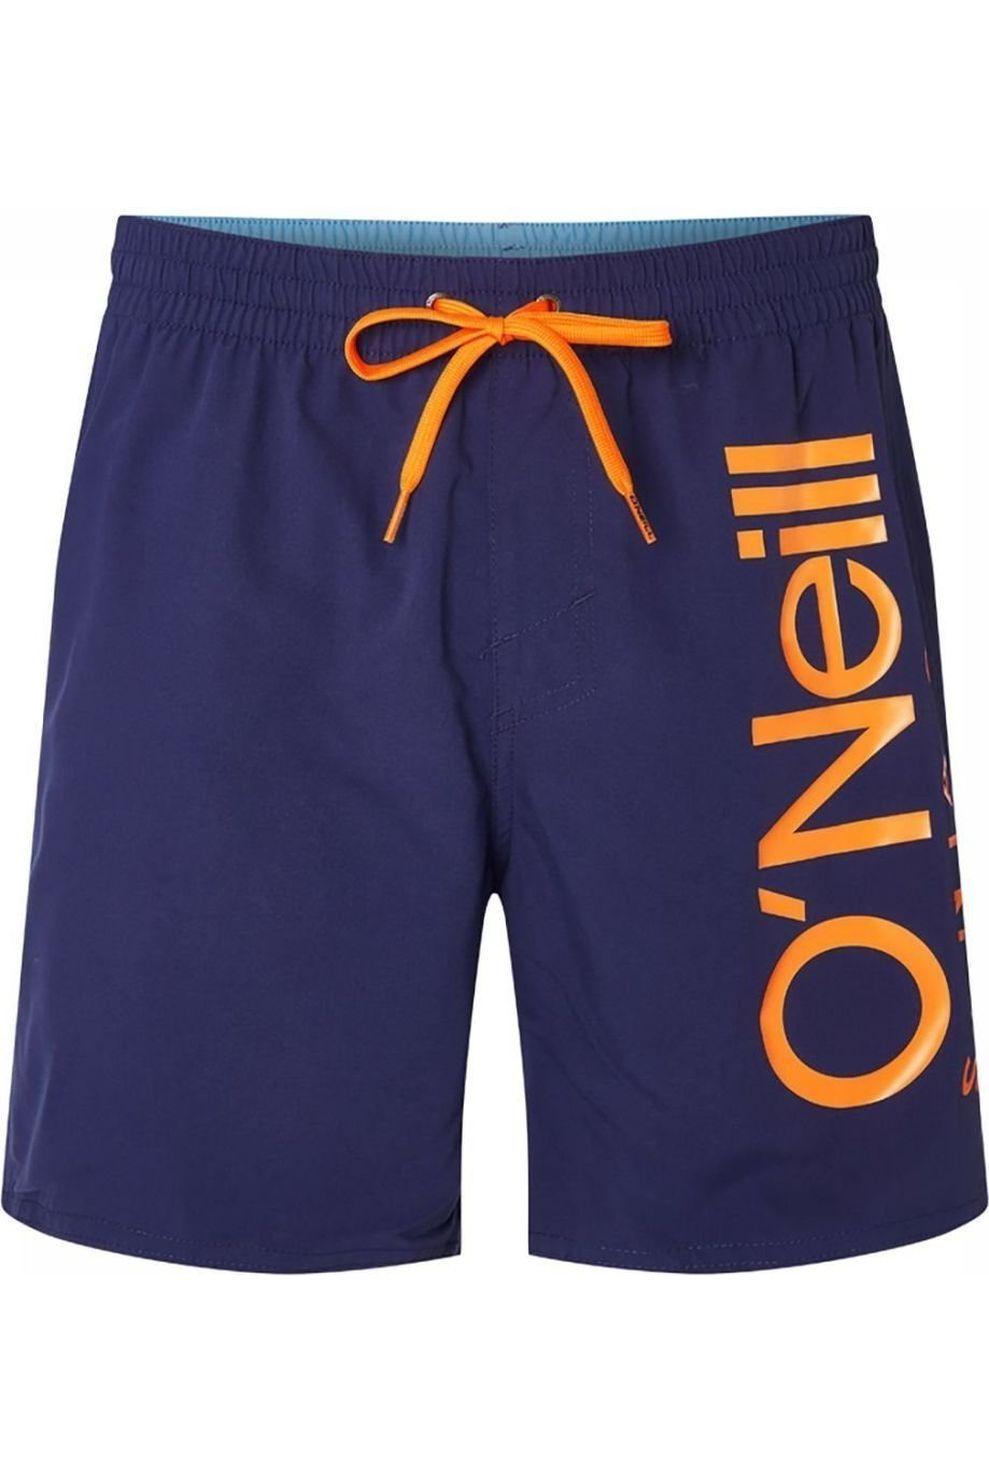 O'Neill Zwemshort Pm Original Cali voor heren - Blauw/Oranje - Maten: XS, S